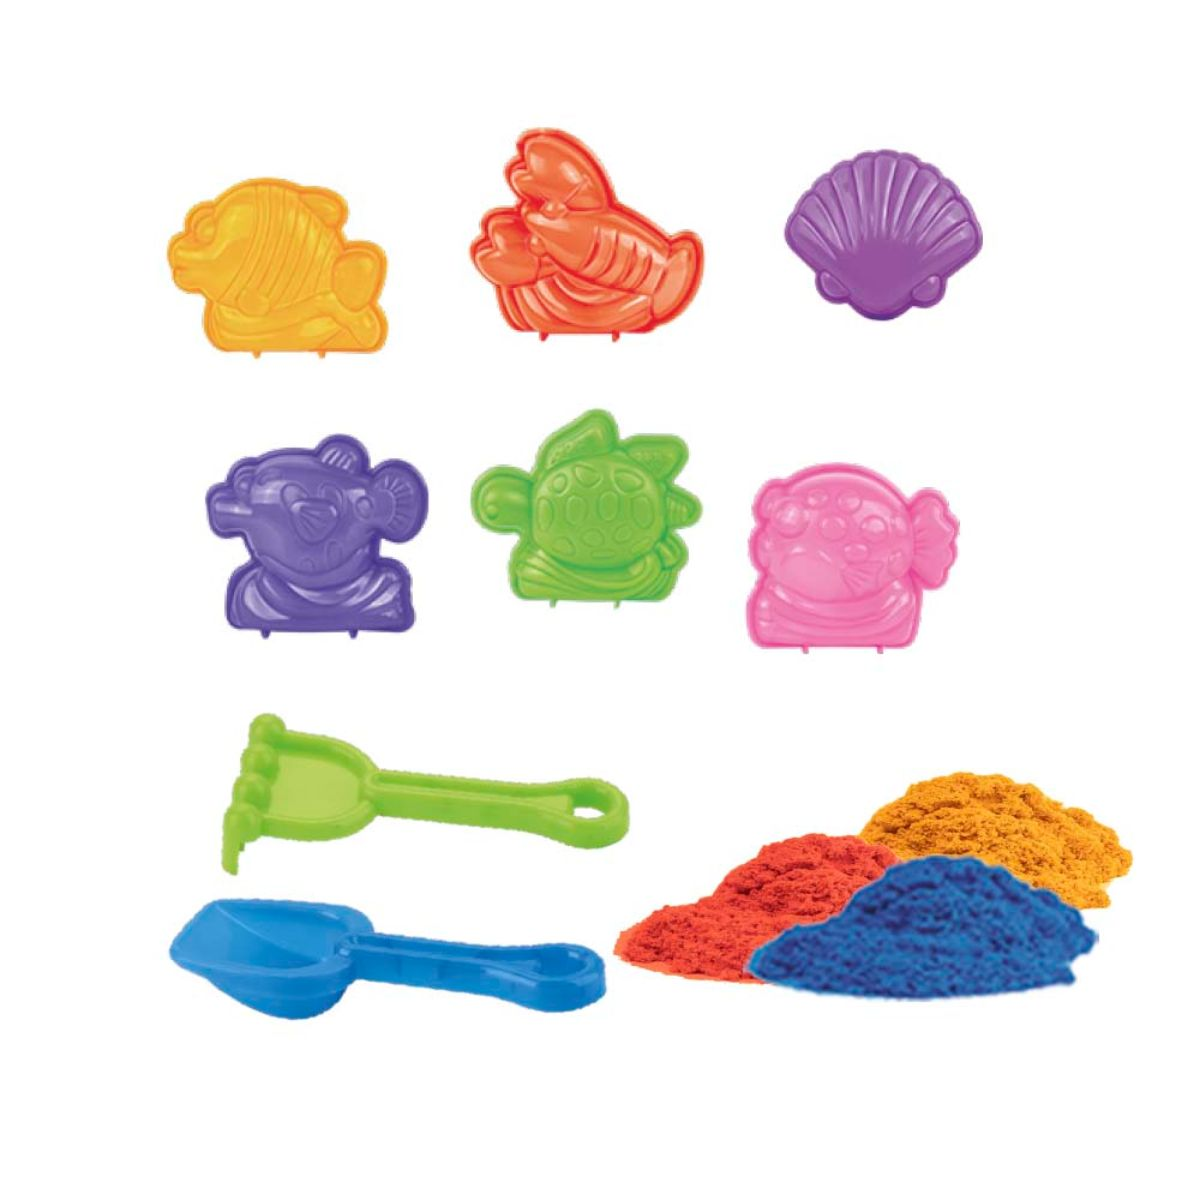 Areia Cinética Massinha de Areia Massa de Areia Areia Mágica Areia Divertida Areia Mágica Balde Castelo DM Toys Infantil